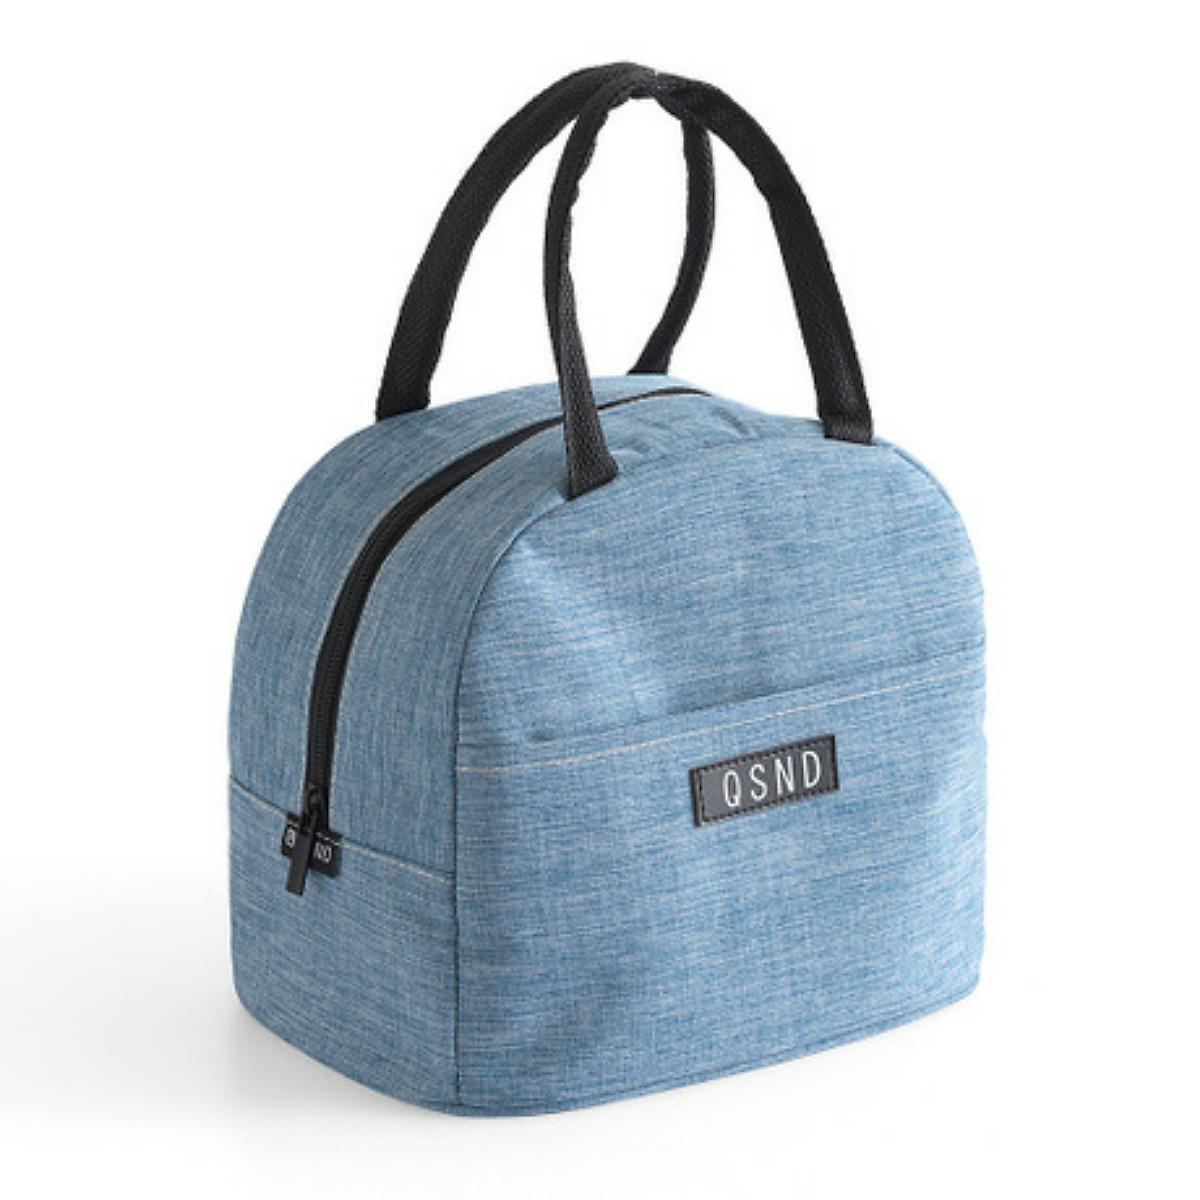 Túi đựng cơm giữ nhiệt vải Oxford cao cấp QSND có khoá kéo | Tiki.vn